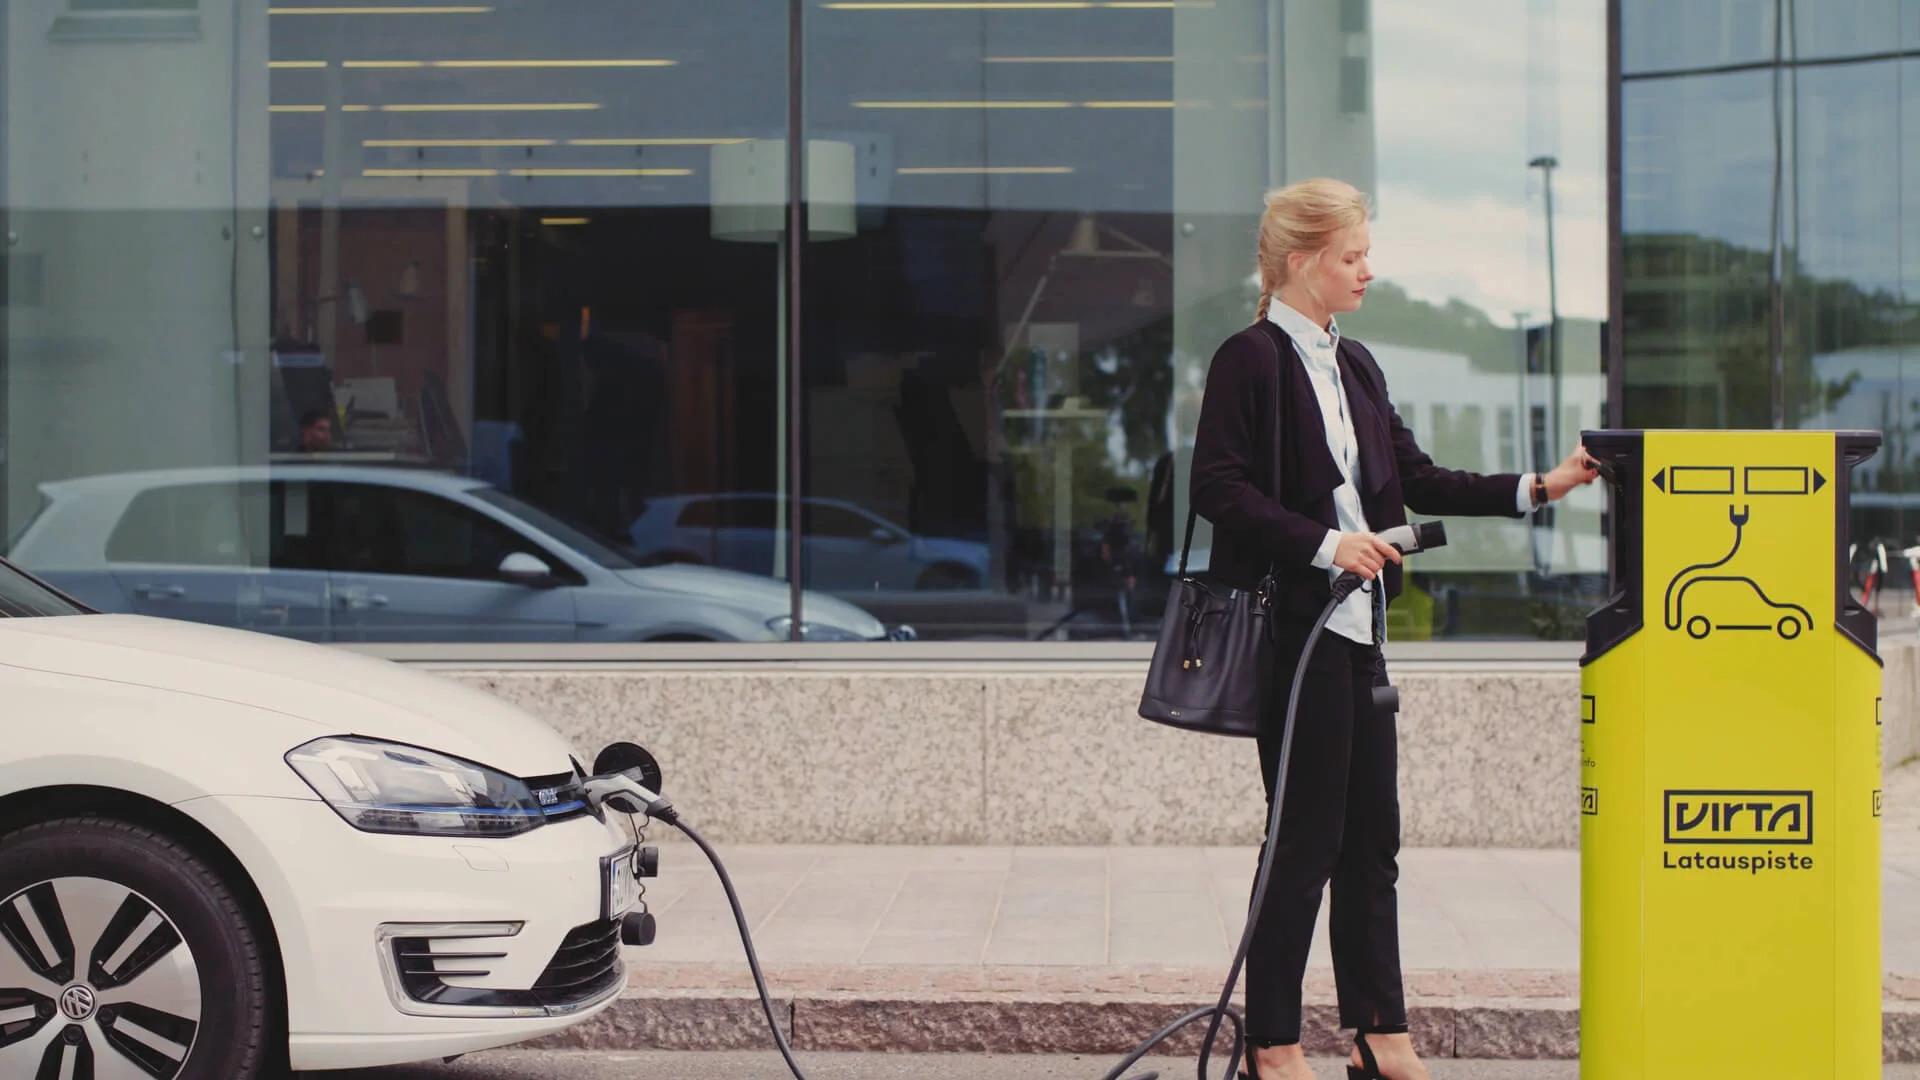 V2G. Электромобили помогут балансировать производство и потребление электроэнергии